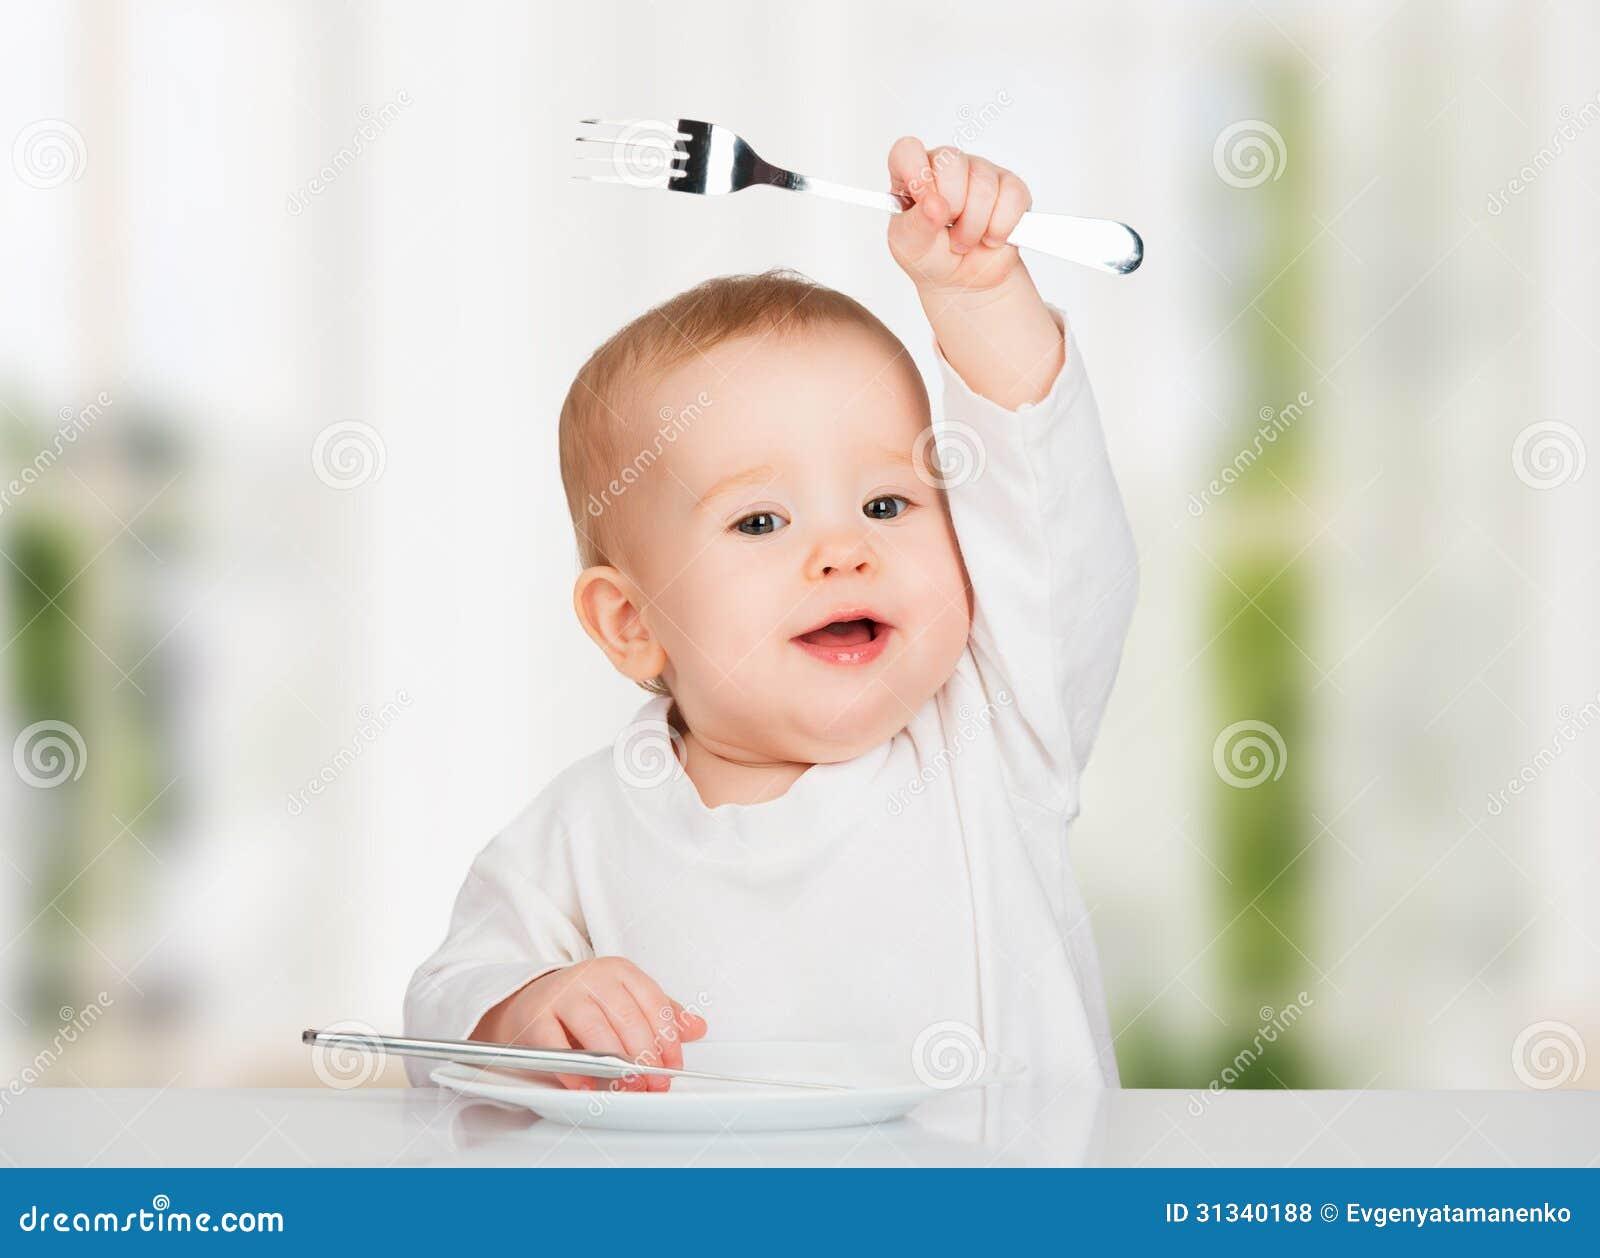 Bambino divertente con un coltello e una forcella che mangia alimento